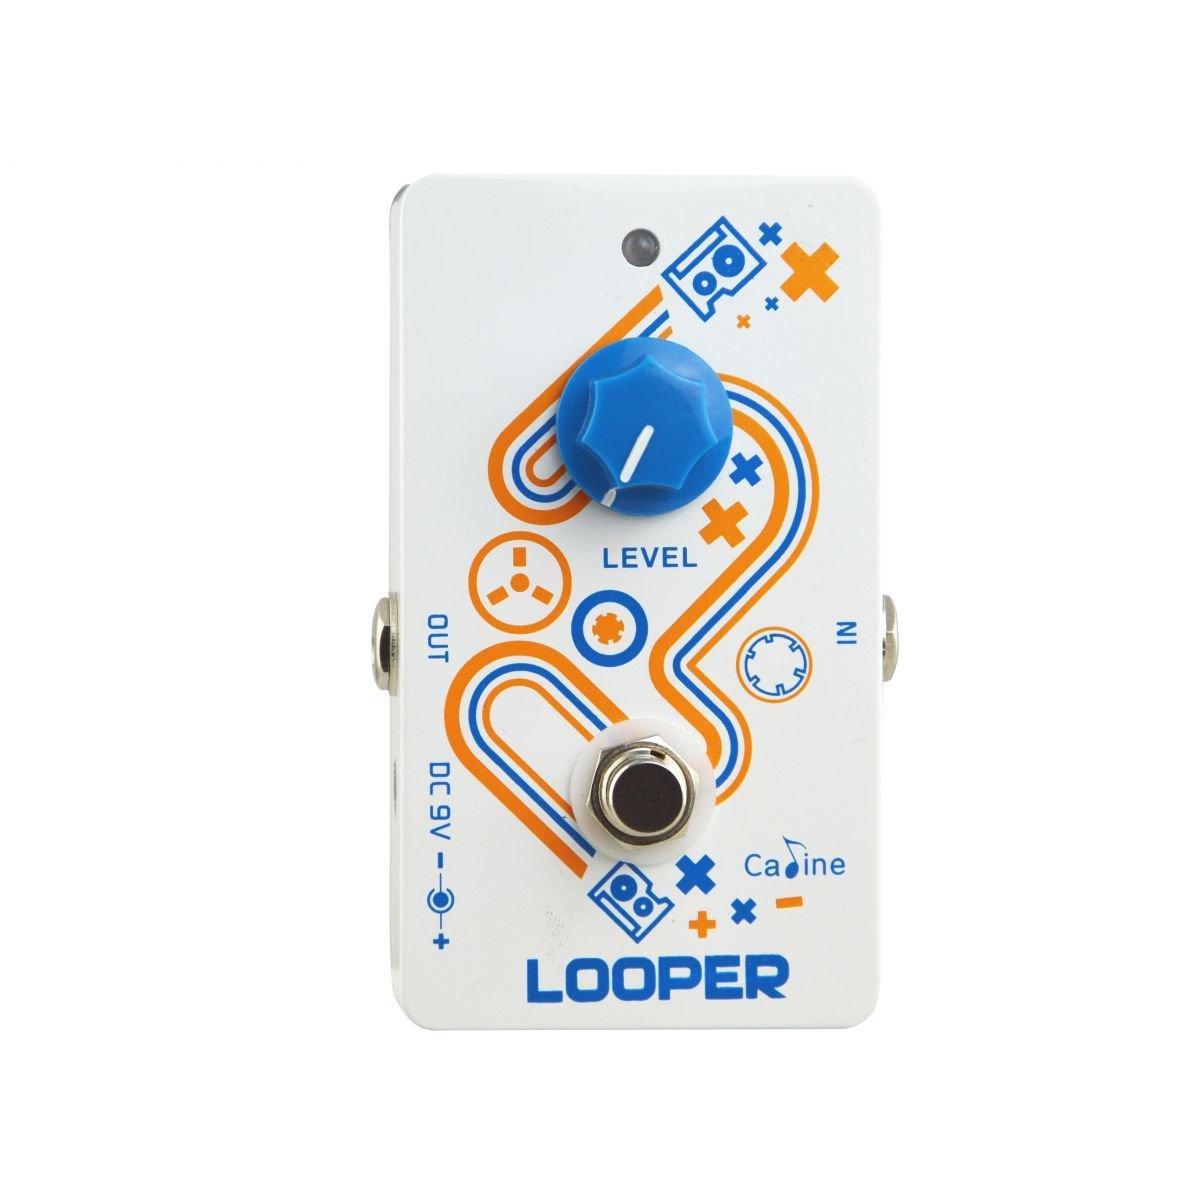 Caline CP-33 Looper Guitar Effect Pedal Shenzhen Caline Technology